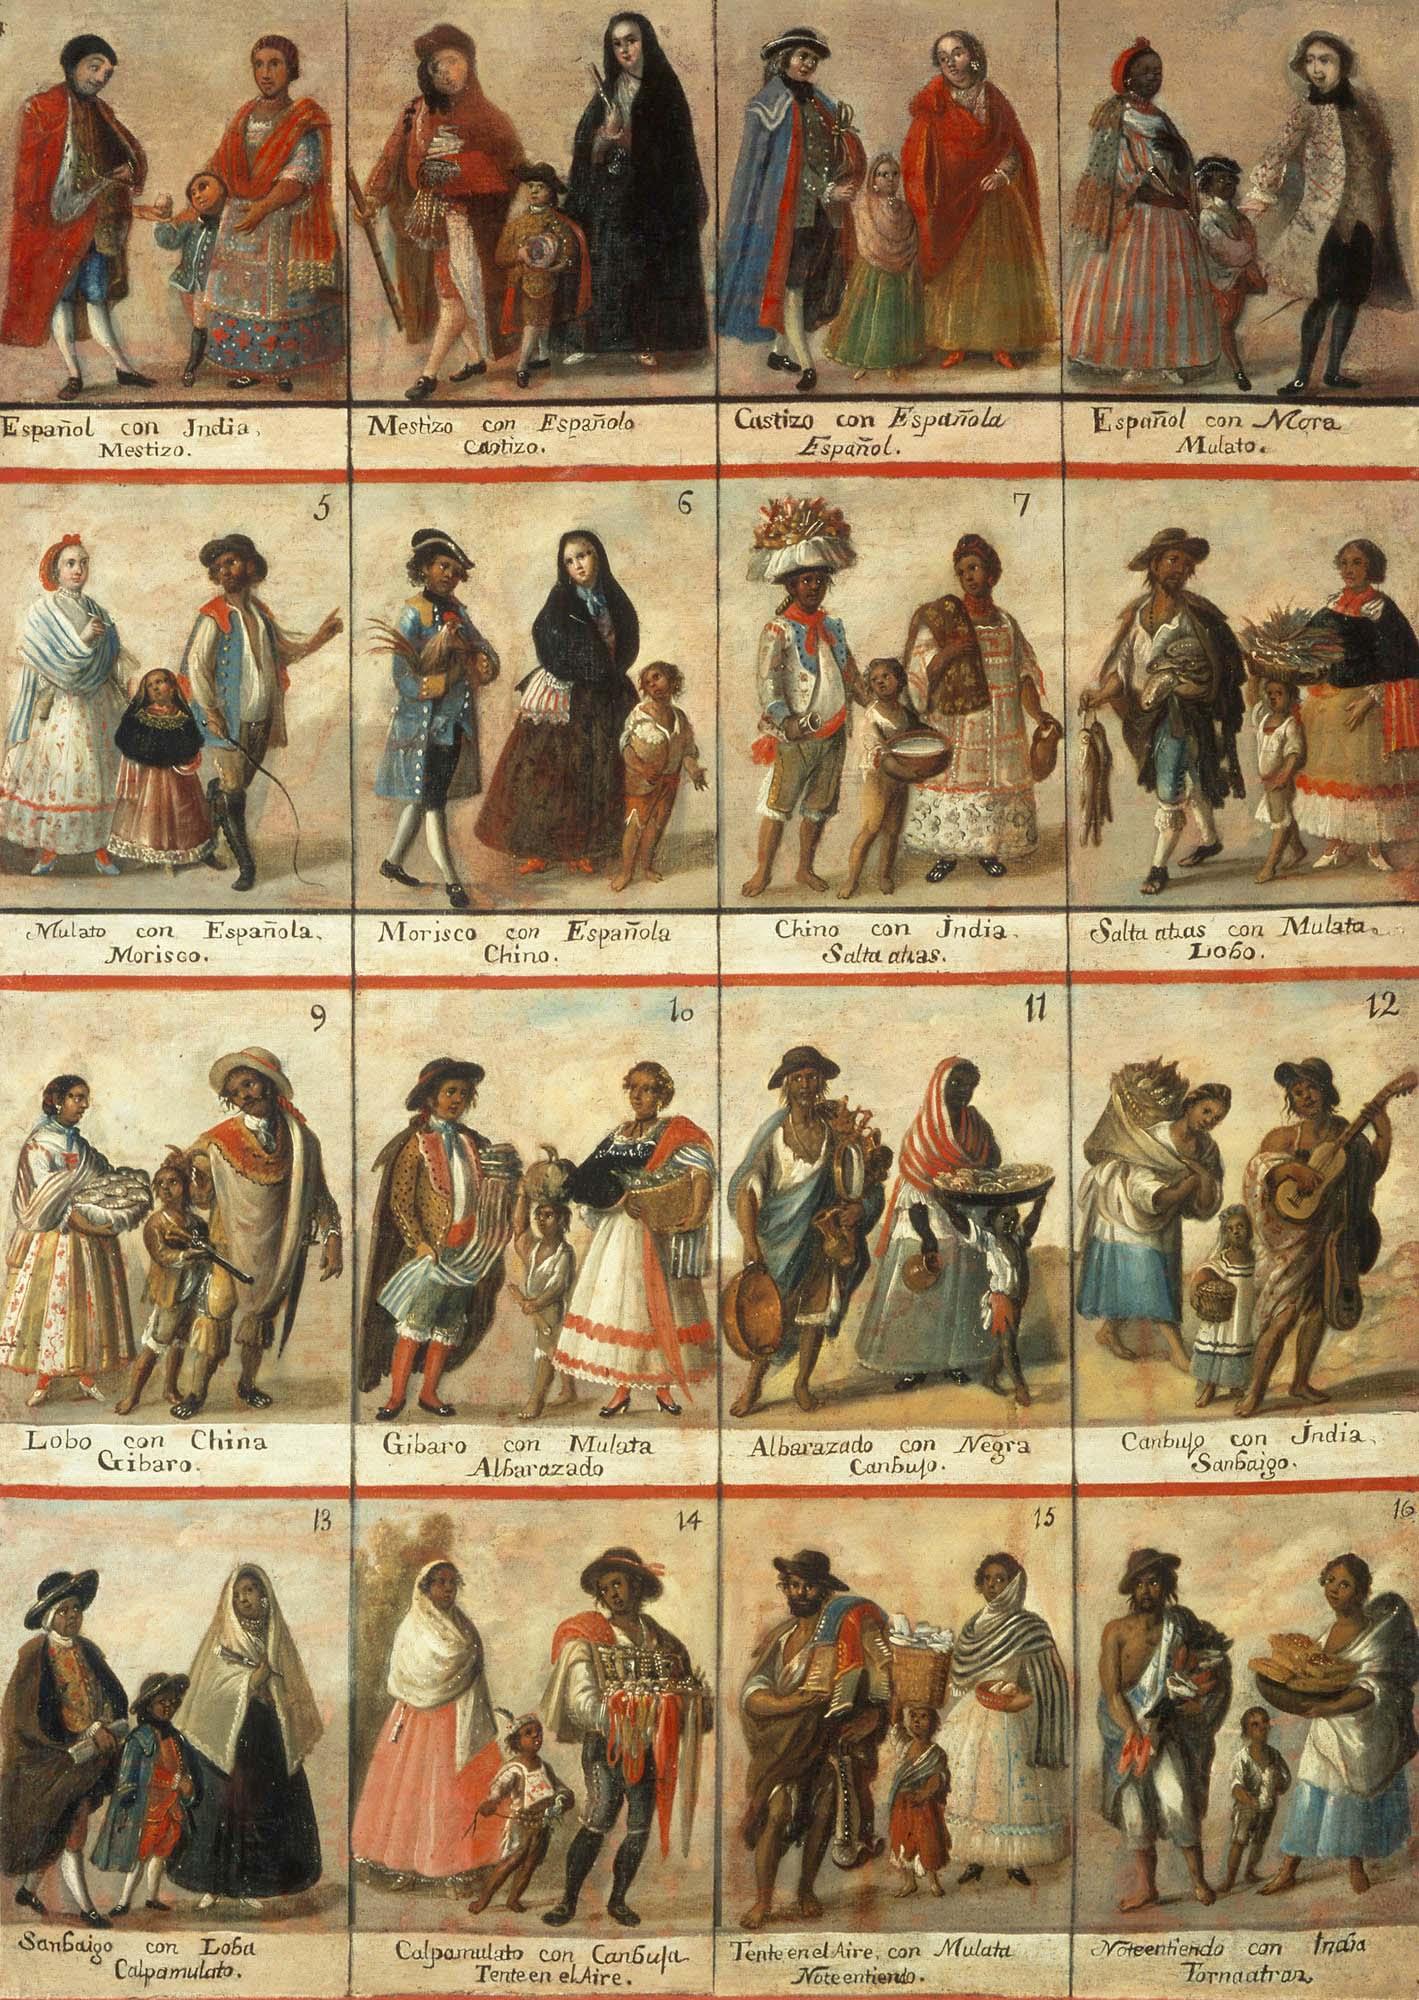 Castas en Nueva España